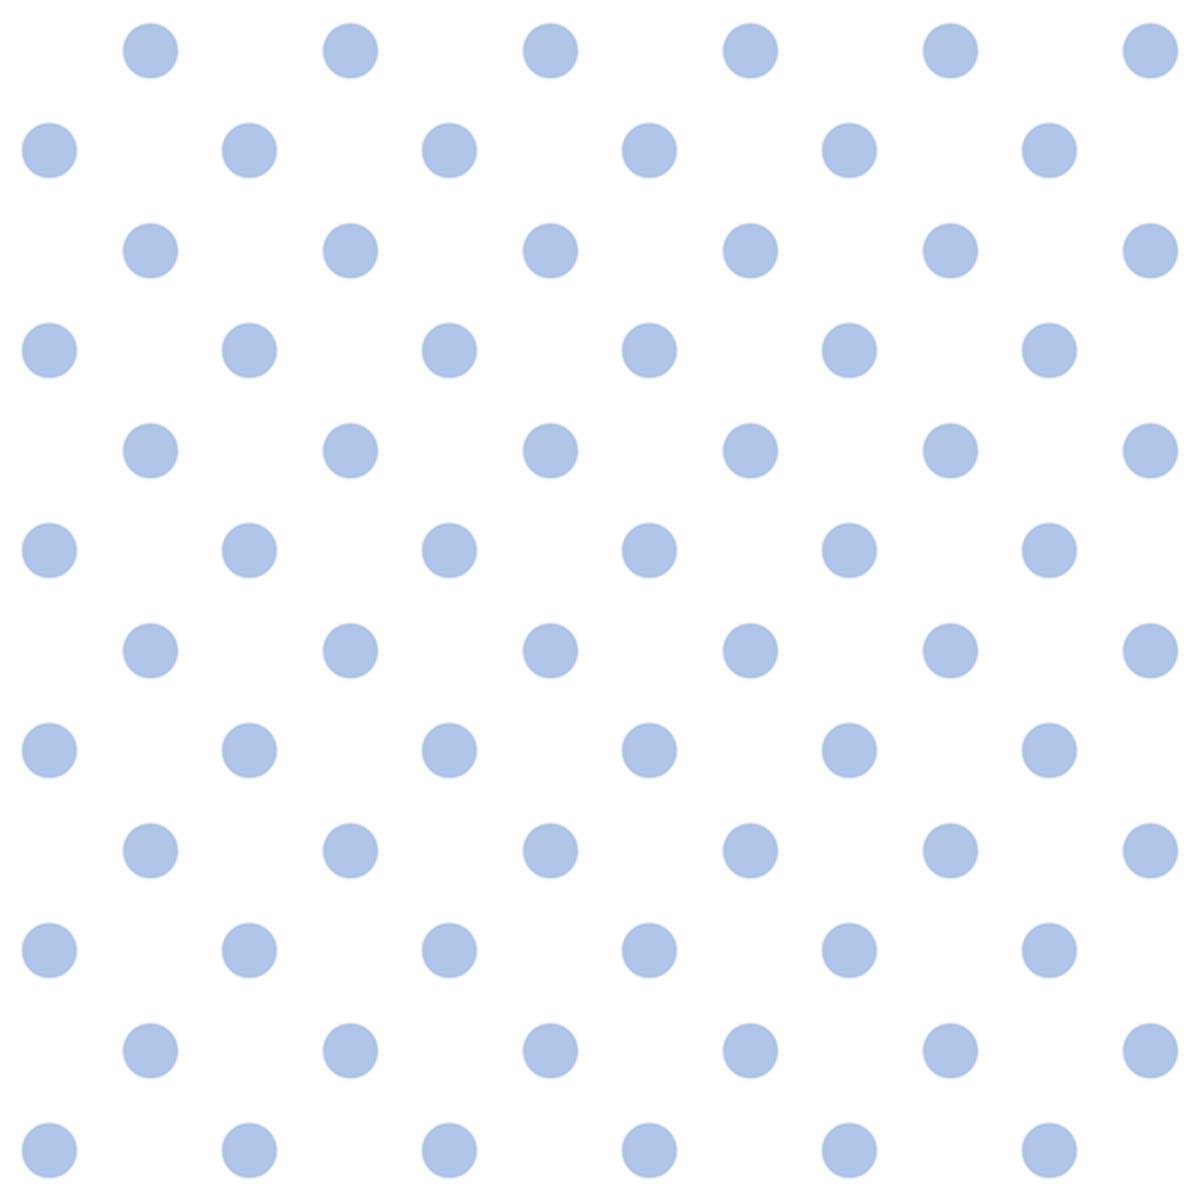 http://2.bp.blogspot.com/-tS6DR4uAhQE/UzgqSK85xEI/AAAAAAAAdCM/6gjROG1asMw/s1600/blue_polka_paper.jpg